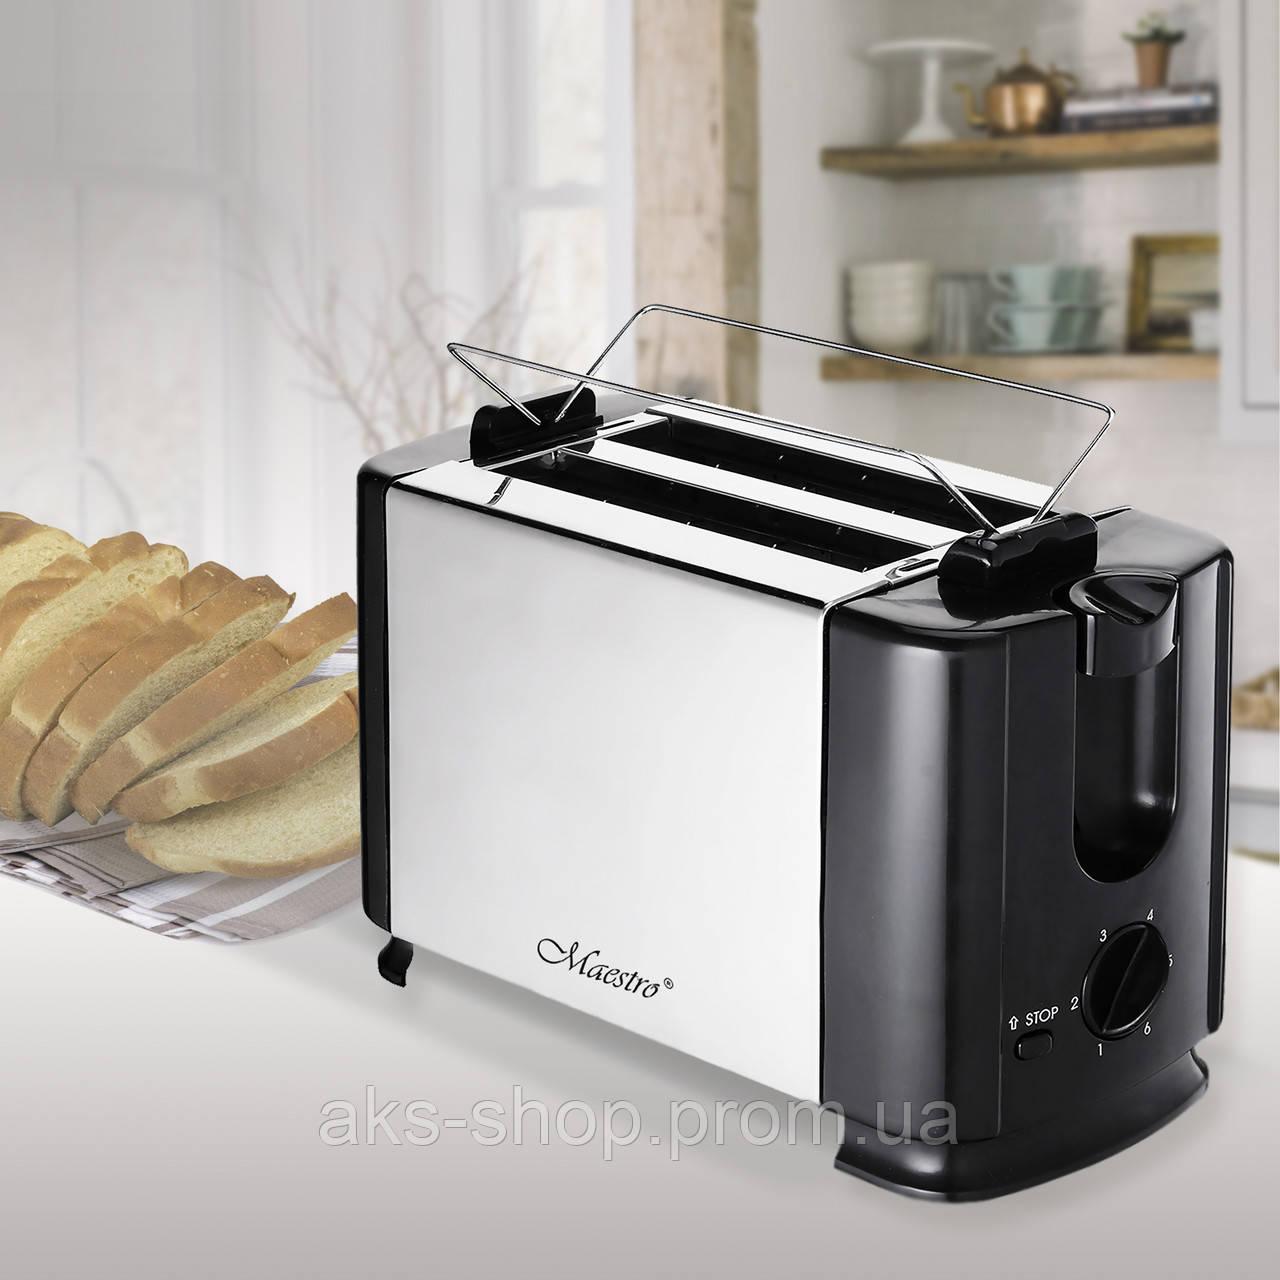 Тостер Maestro MR-701 (700 Вт, съемный поддон для крошек, кнопка отмены) | тостер Маэстро, тостерница Маестро